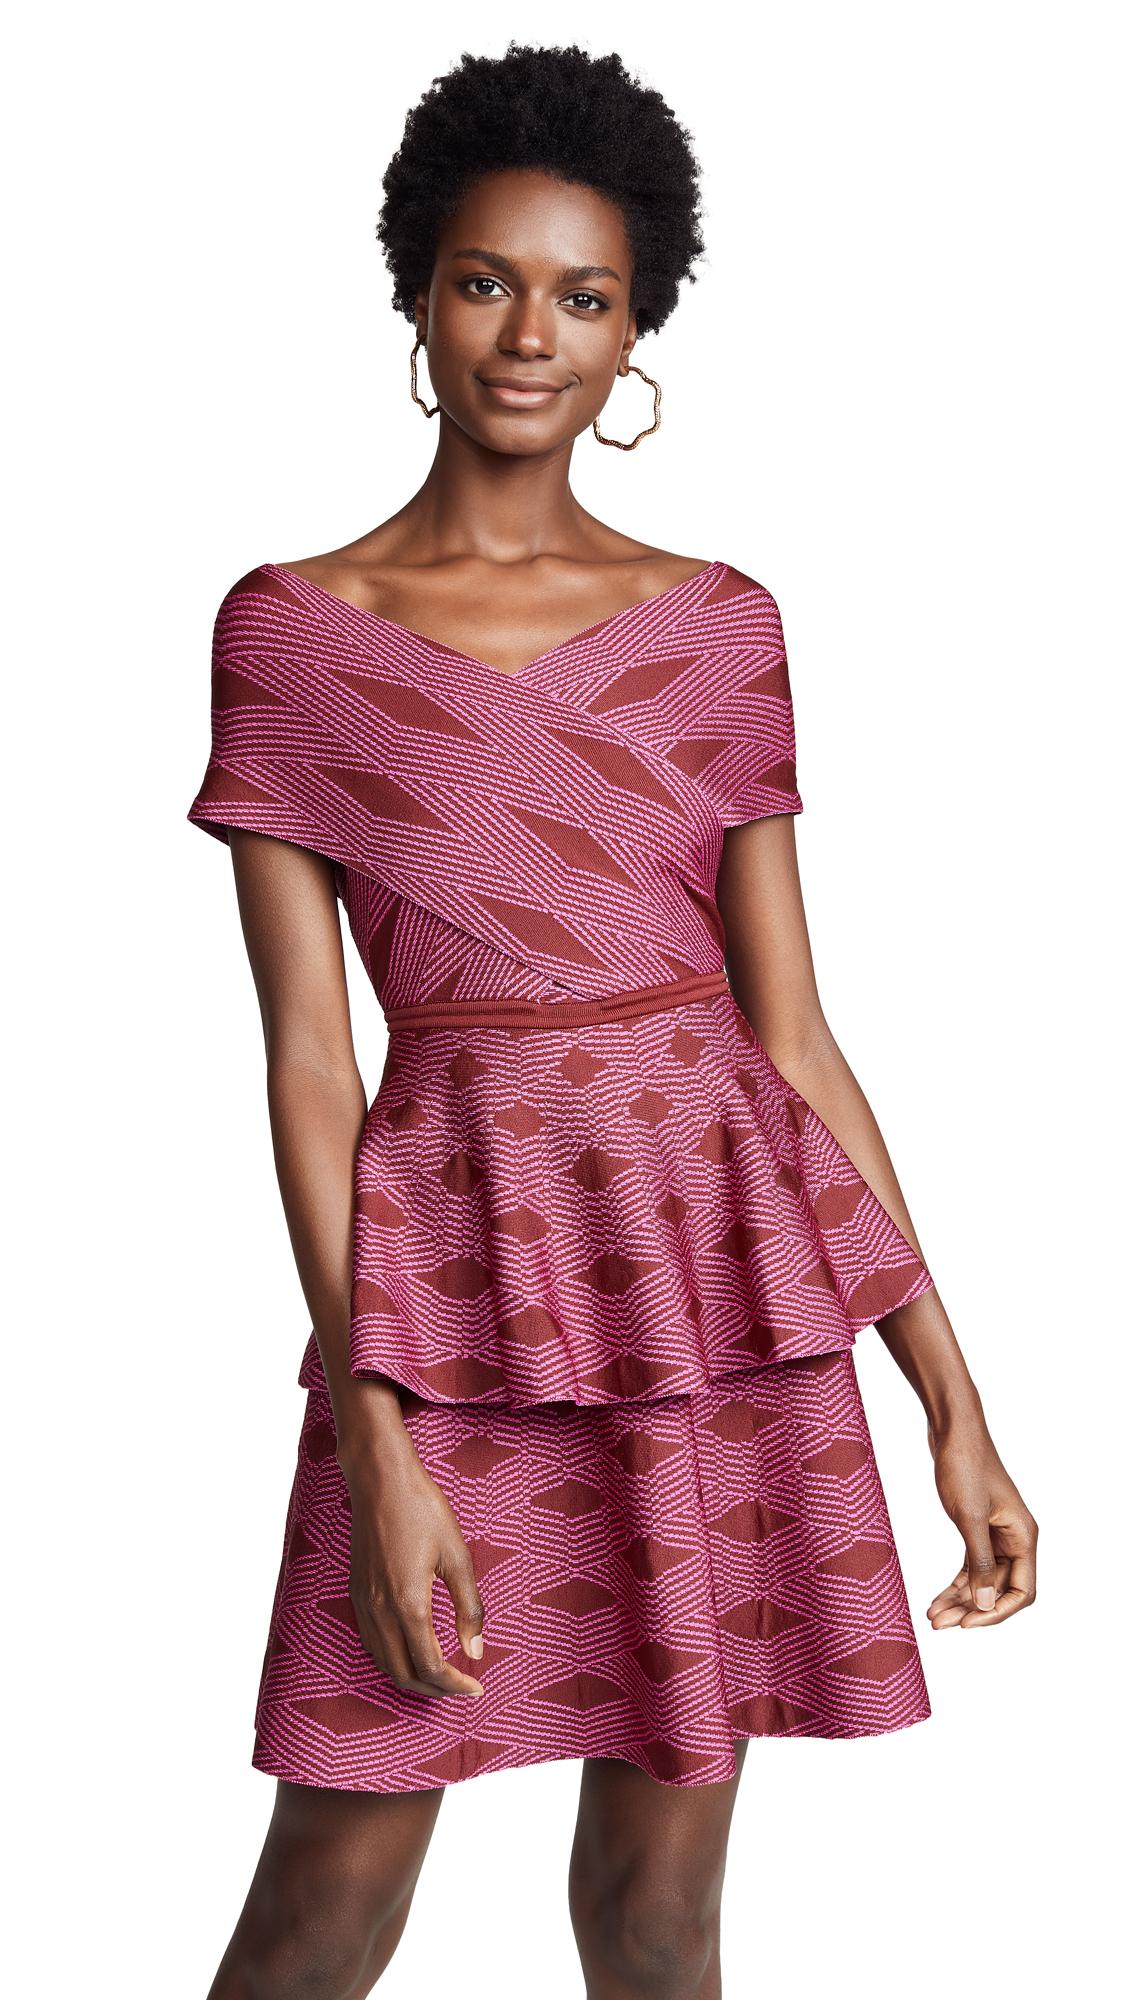 Pepa Pombo Molly Dress - Ciruela/Fuchsia